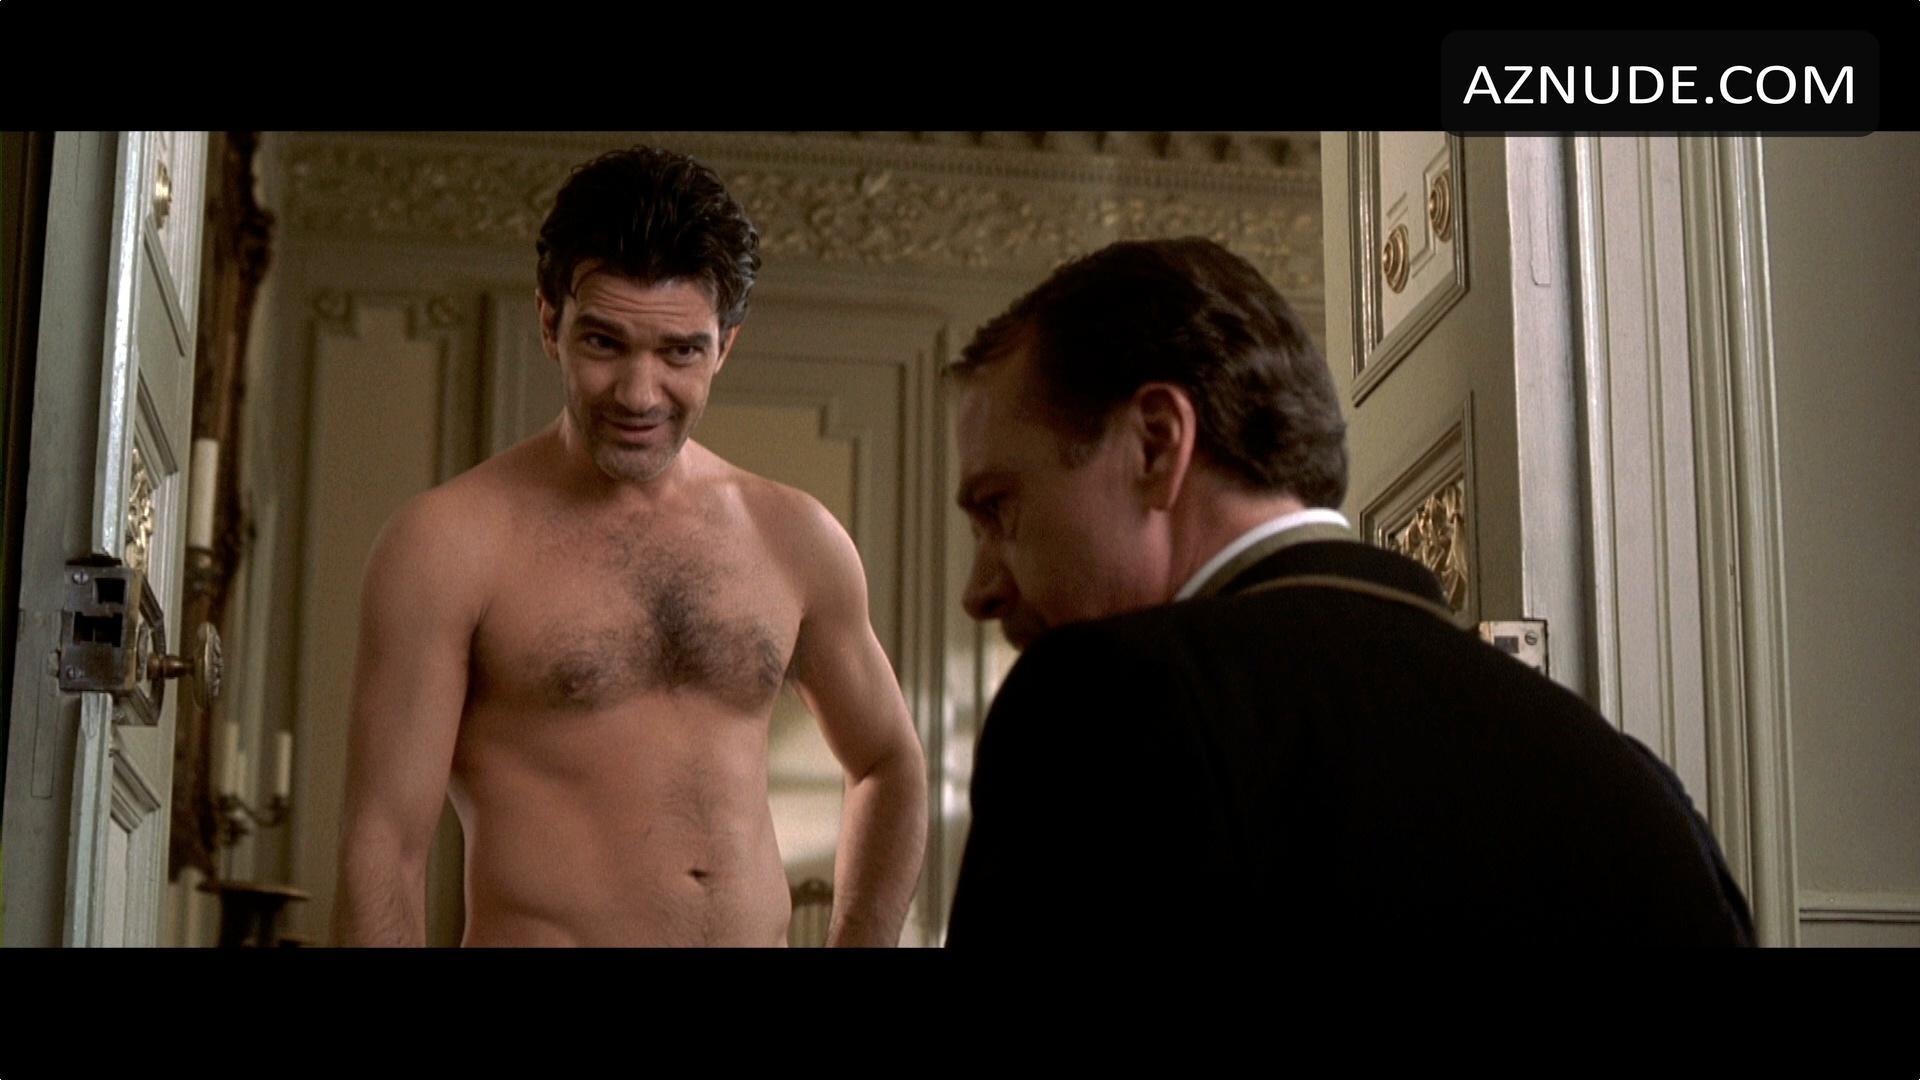 Antonio Banderas Nude - Aznude Men-5513